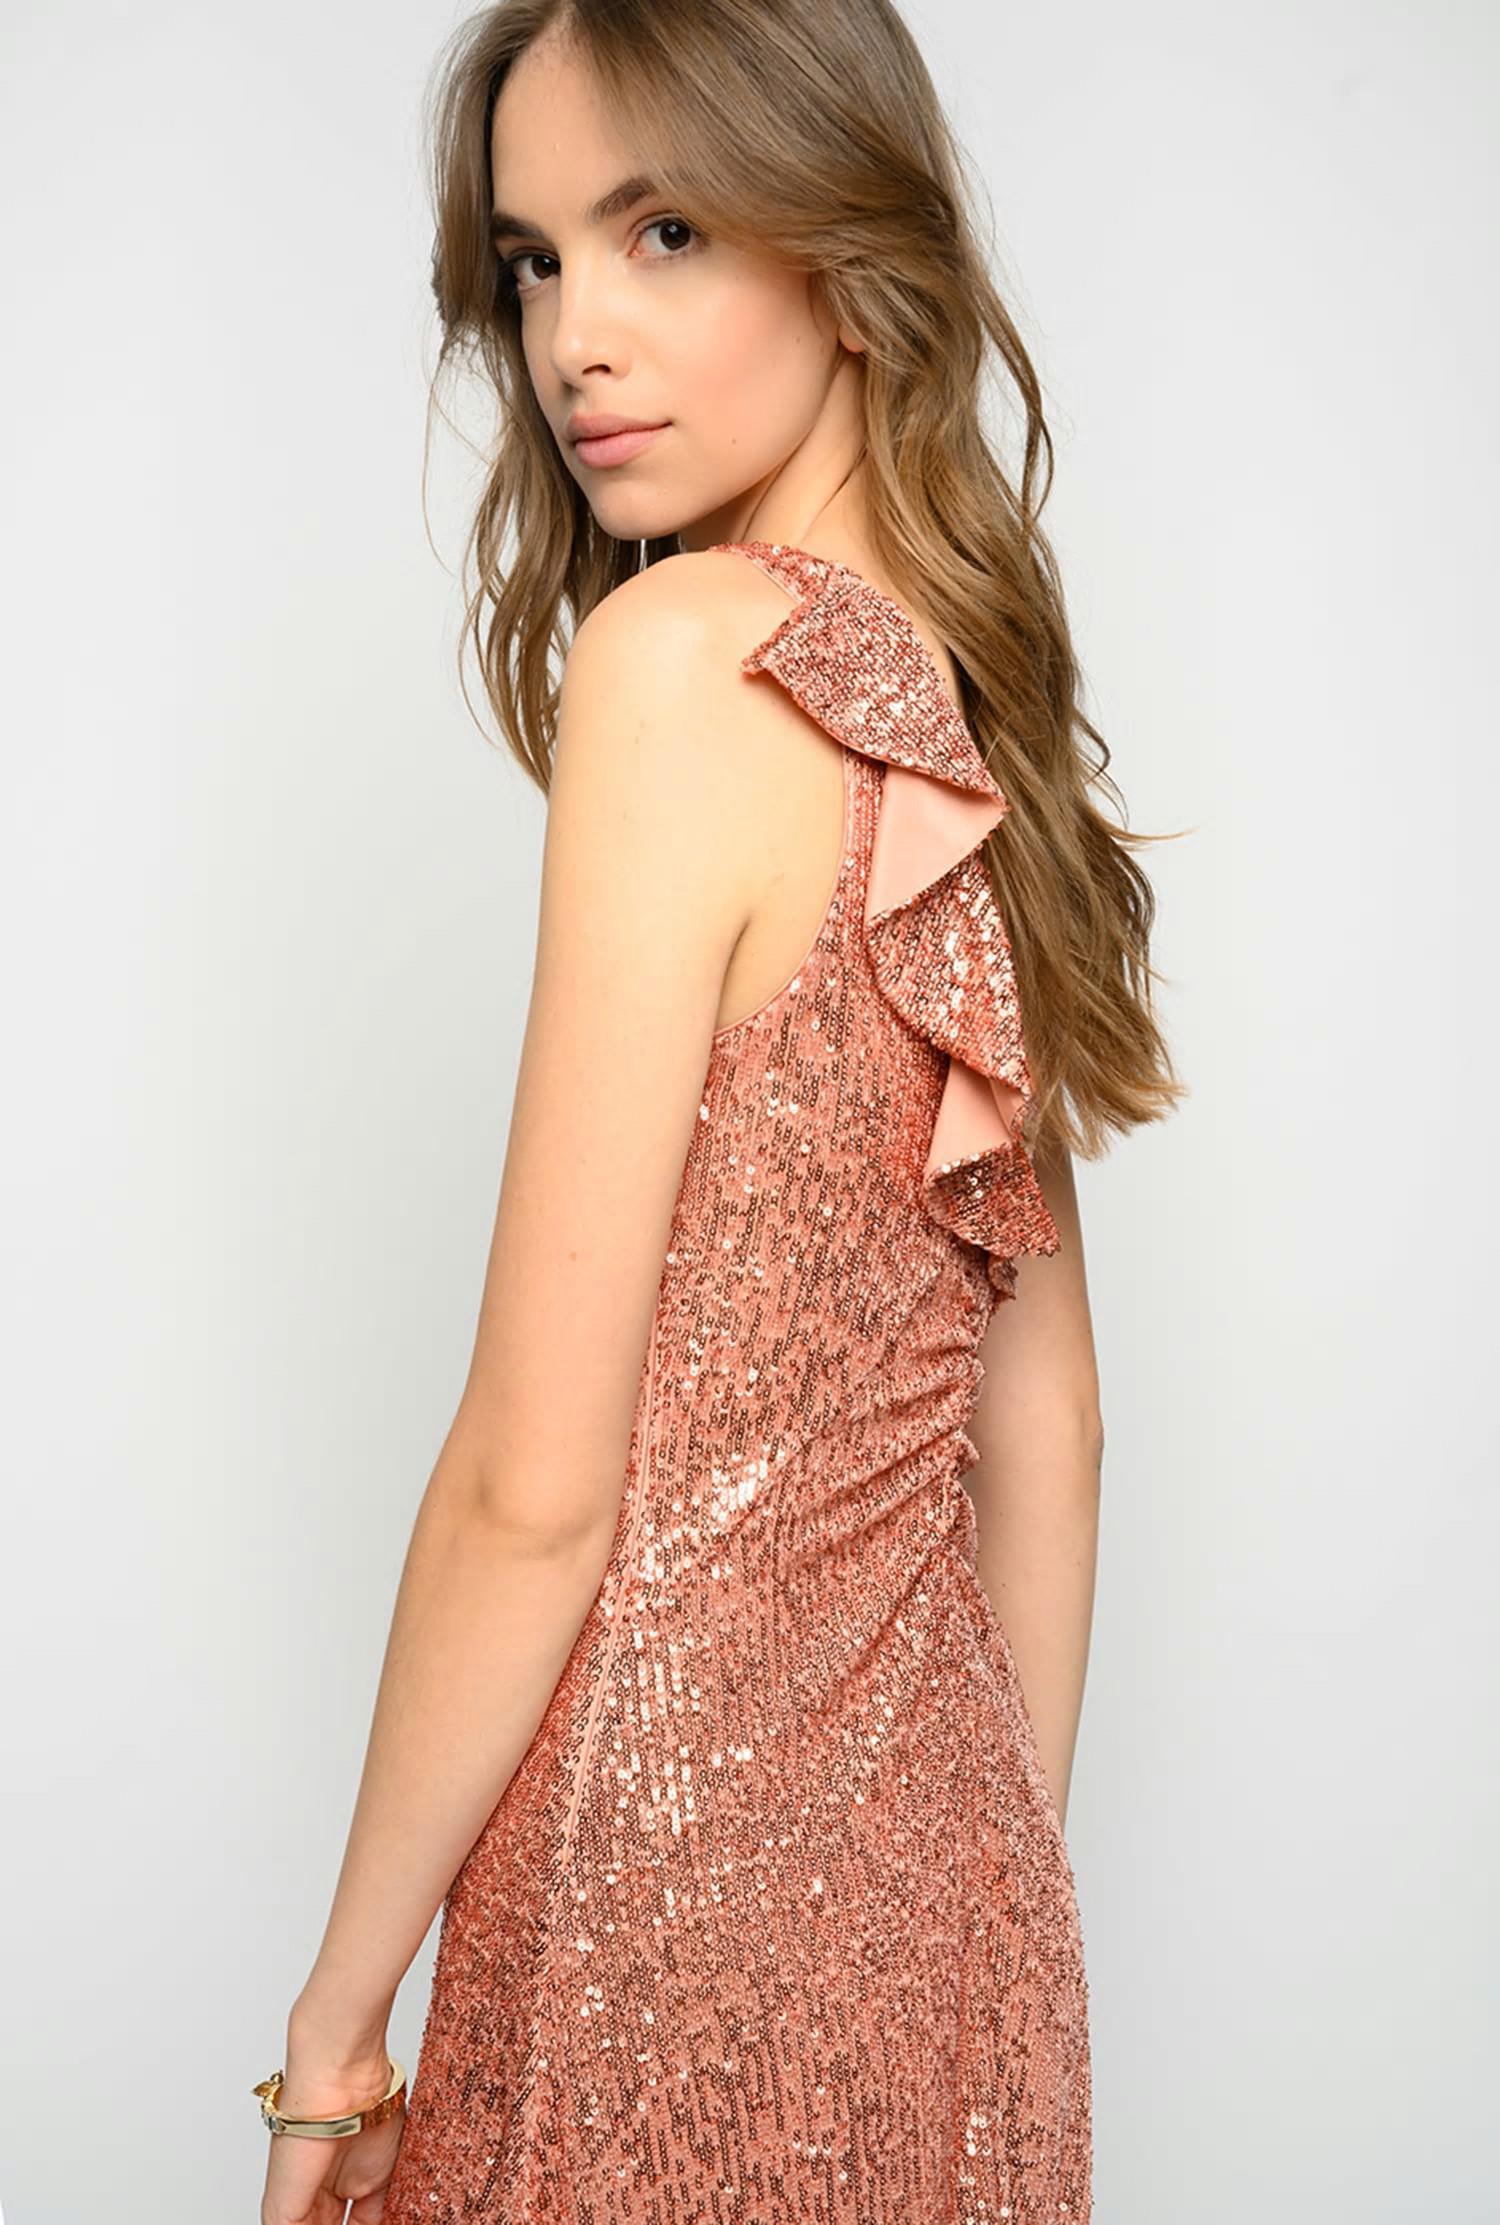 Kleider  Damen Pinko Paillettenkleid Mit Volant P96